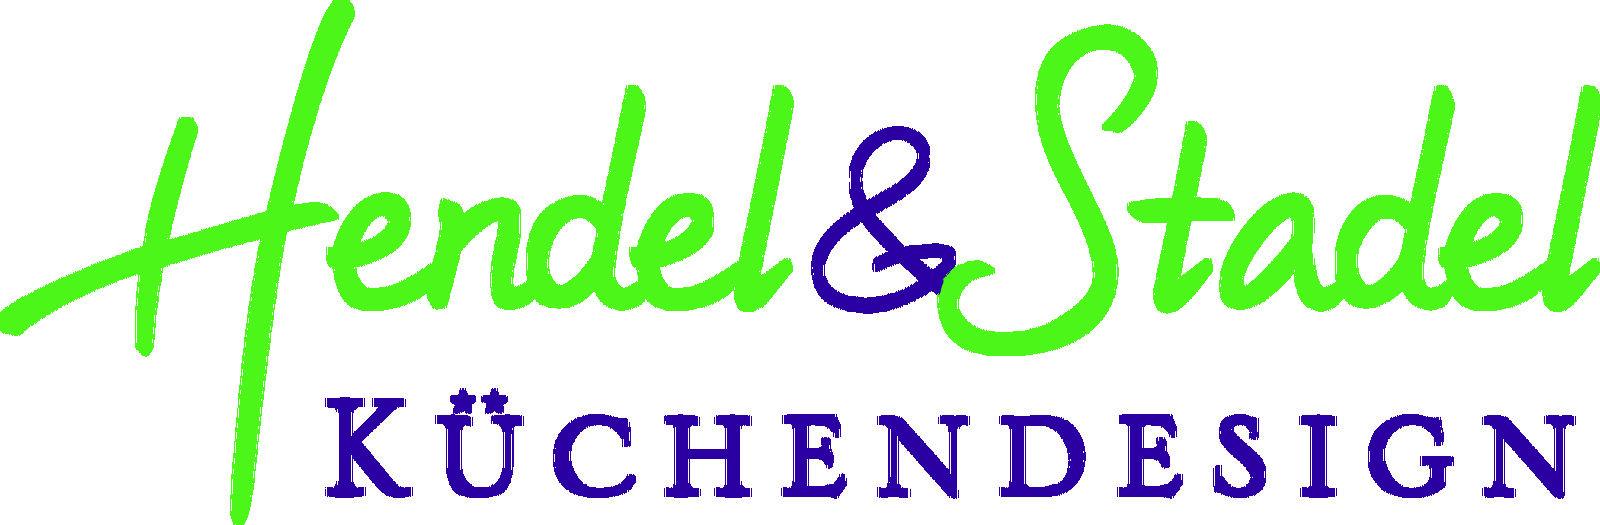 Hendel & Stadel